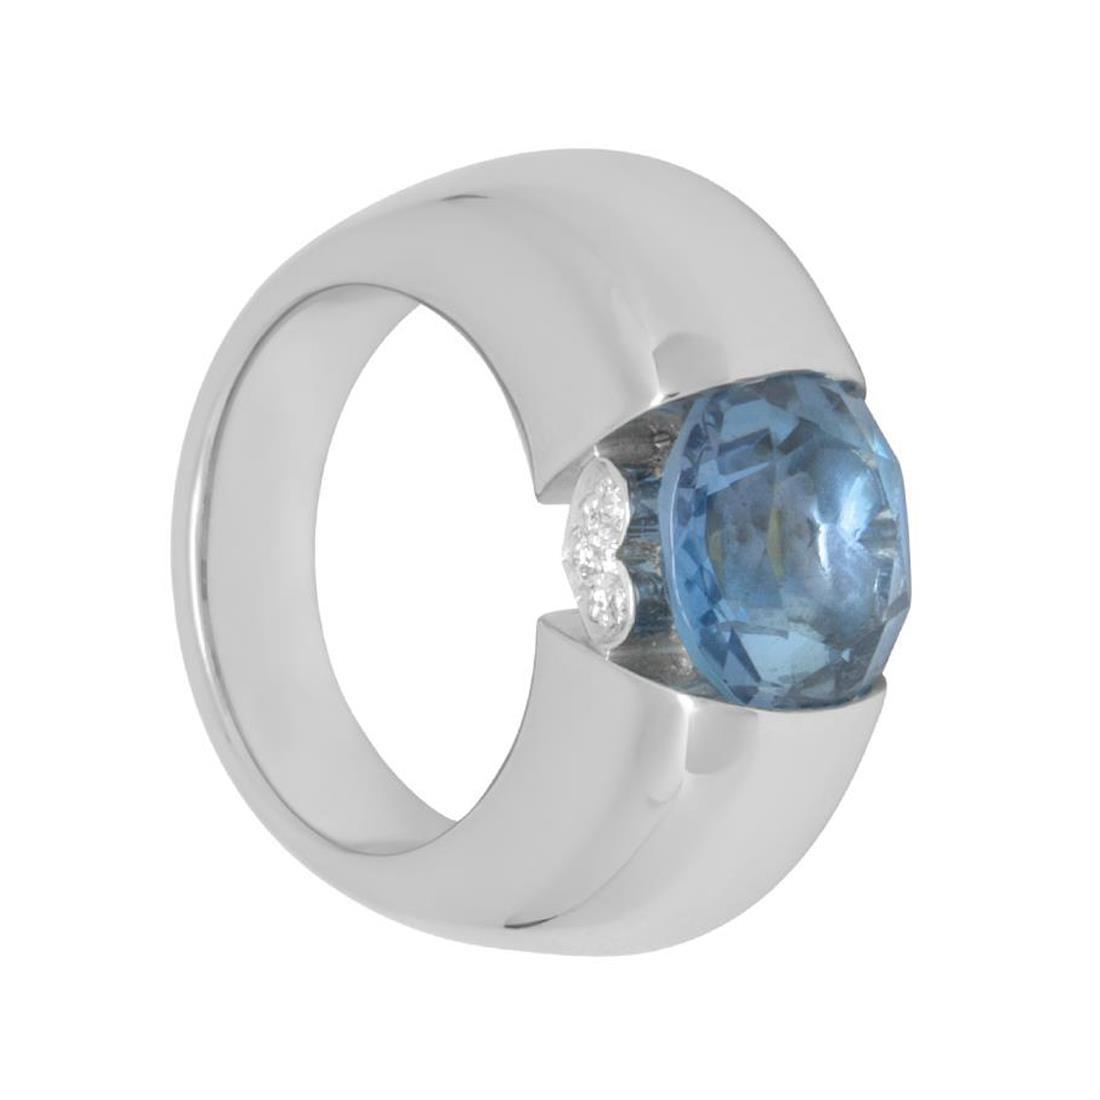 Anello in oro bianco ovale colore 985988 con diamanti ct 0.07 - PASQUALE BRUNI